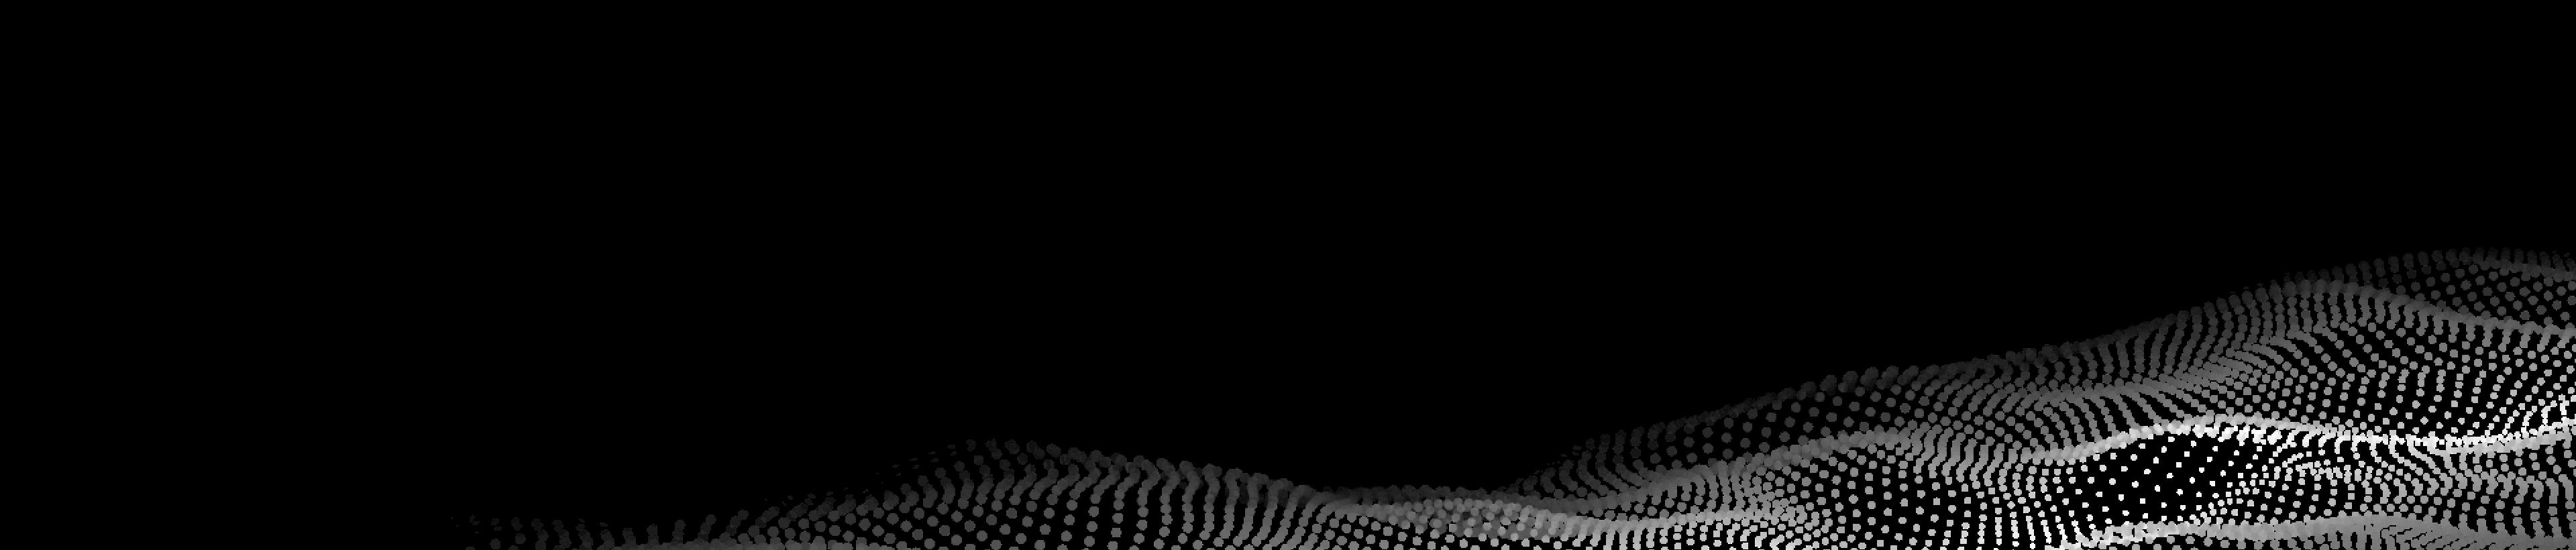 Background image - wave